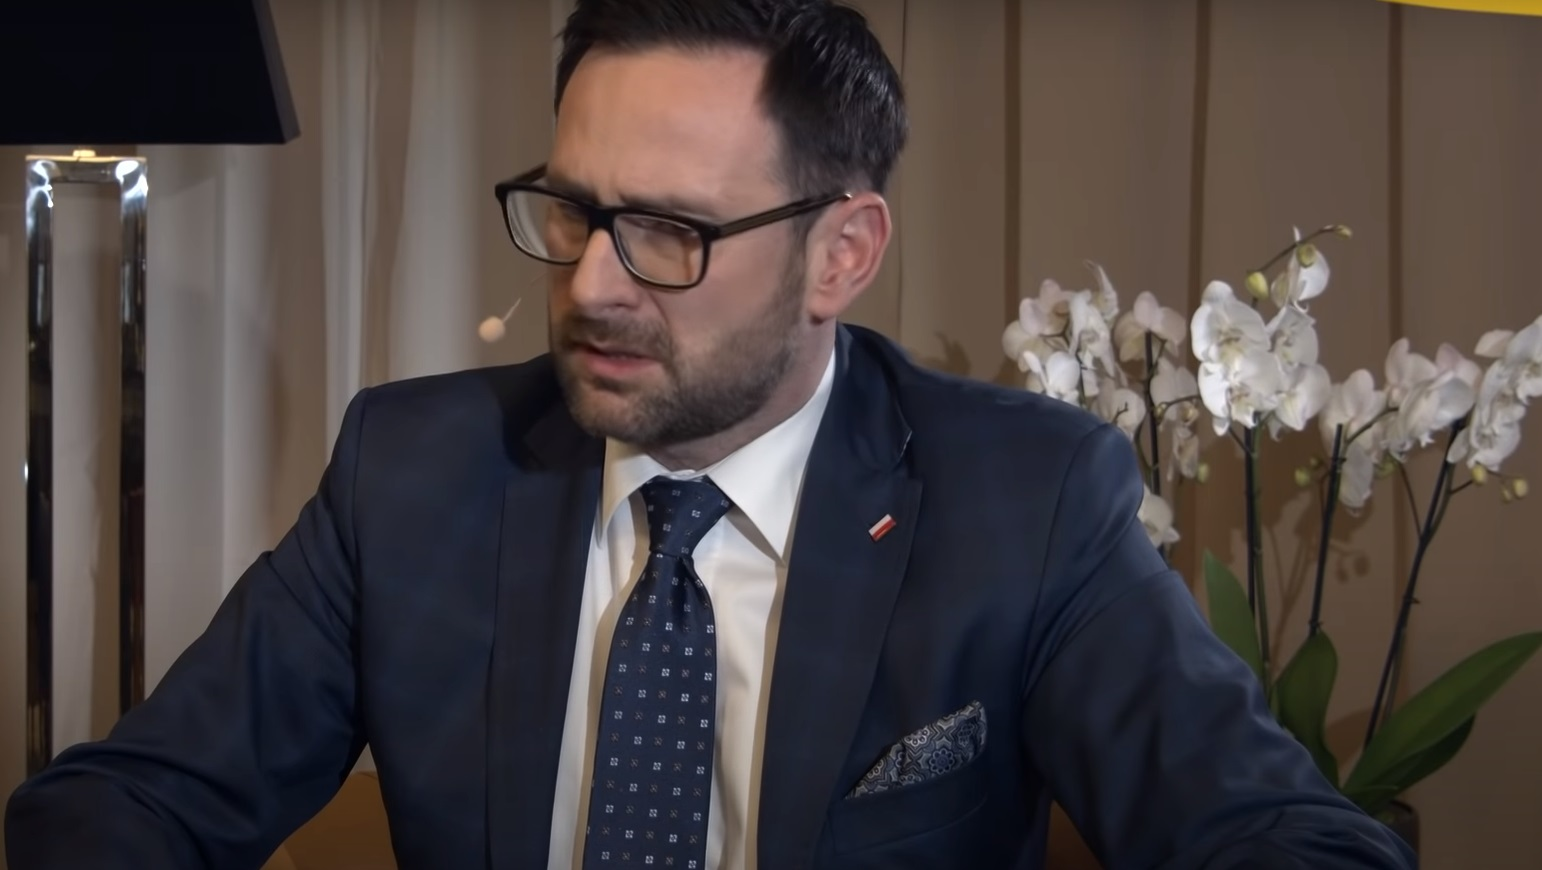 Przejęcie Polska Press przez Orlen zostało wstrzymane, Adam Bodnar wysunął szereg zarzutów i decyzją sądu transakcja została zawieszona.